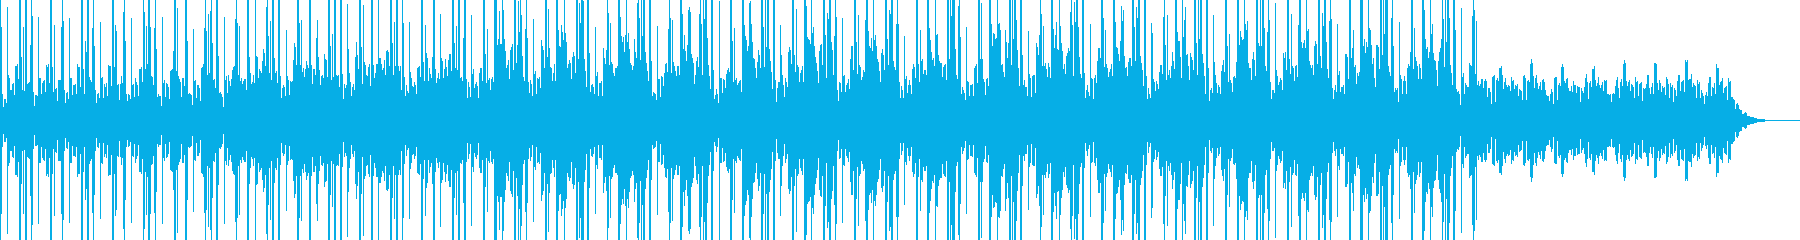 広がるシンセと締まるエレキギターのBGMの再生済みの波形